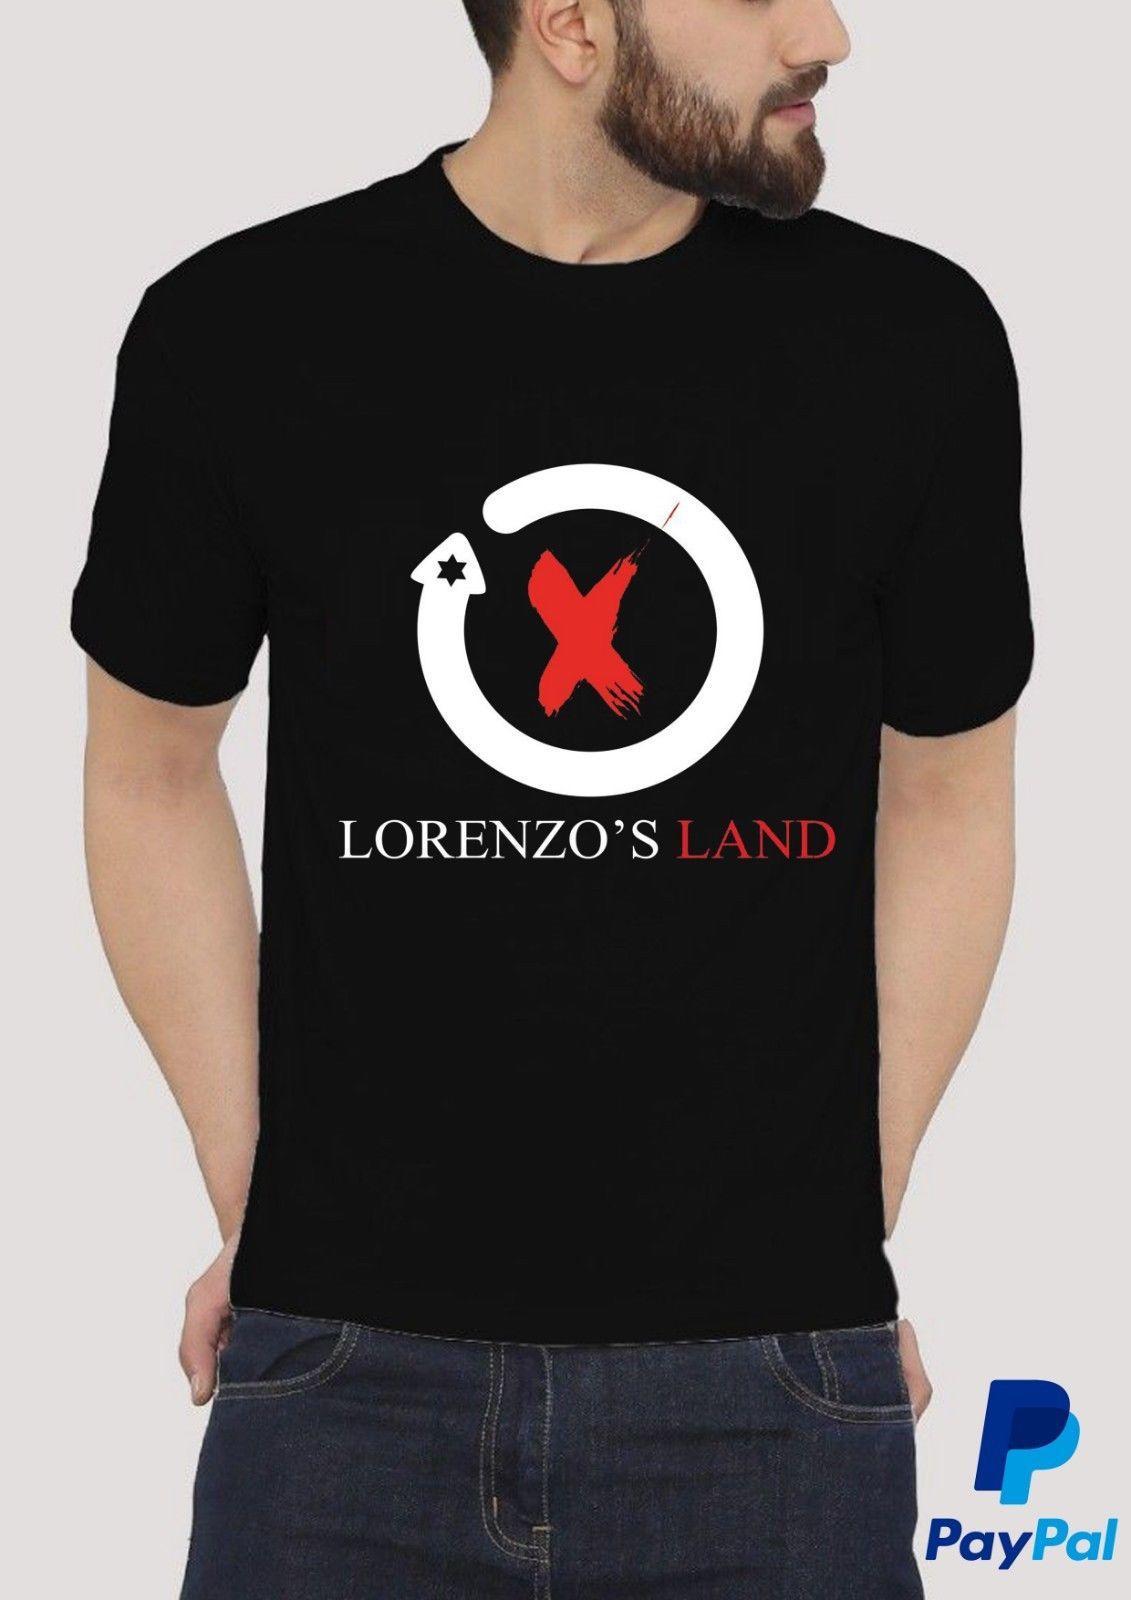 e127be970 Compre 99 Jorge Lorenzo JL99 Bandeira Logotipo Curto T Shirt Escravo Estilo  Casual S 2XL Tamanho Homens Mulheres Unisex Moda Tshirt Frete Grátis De ...